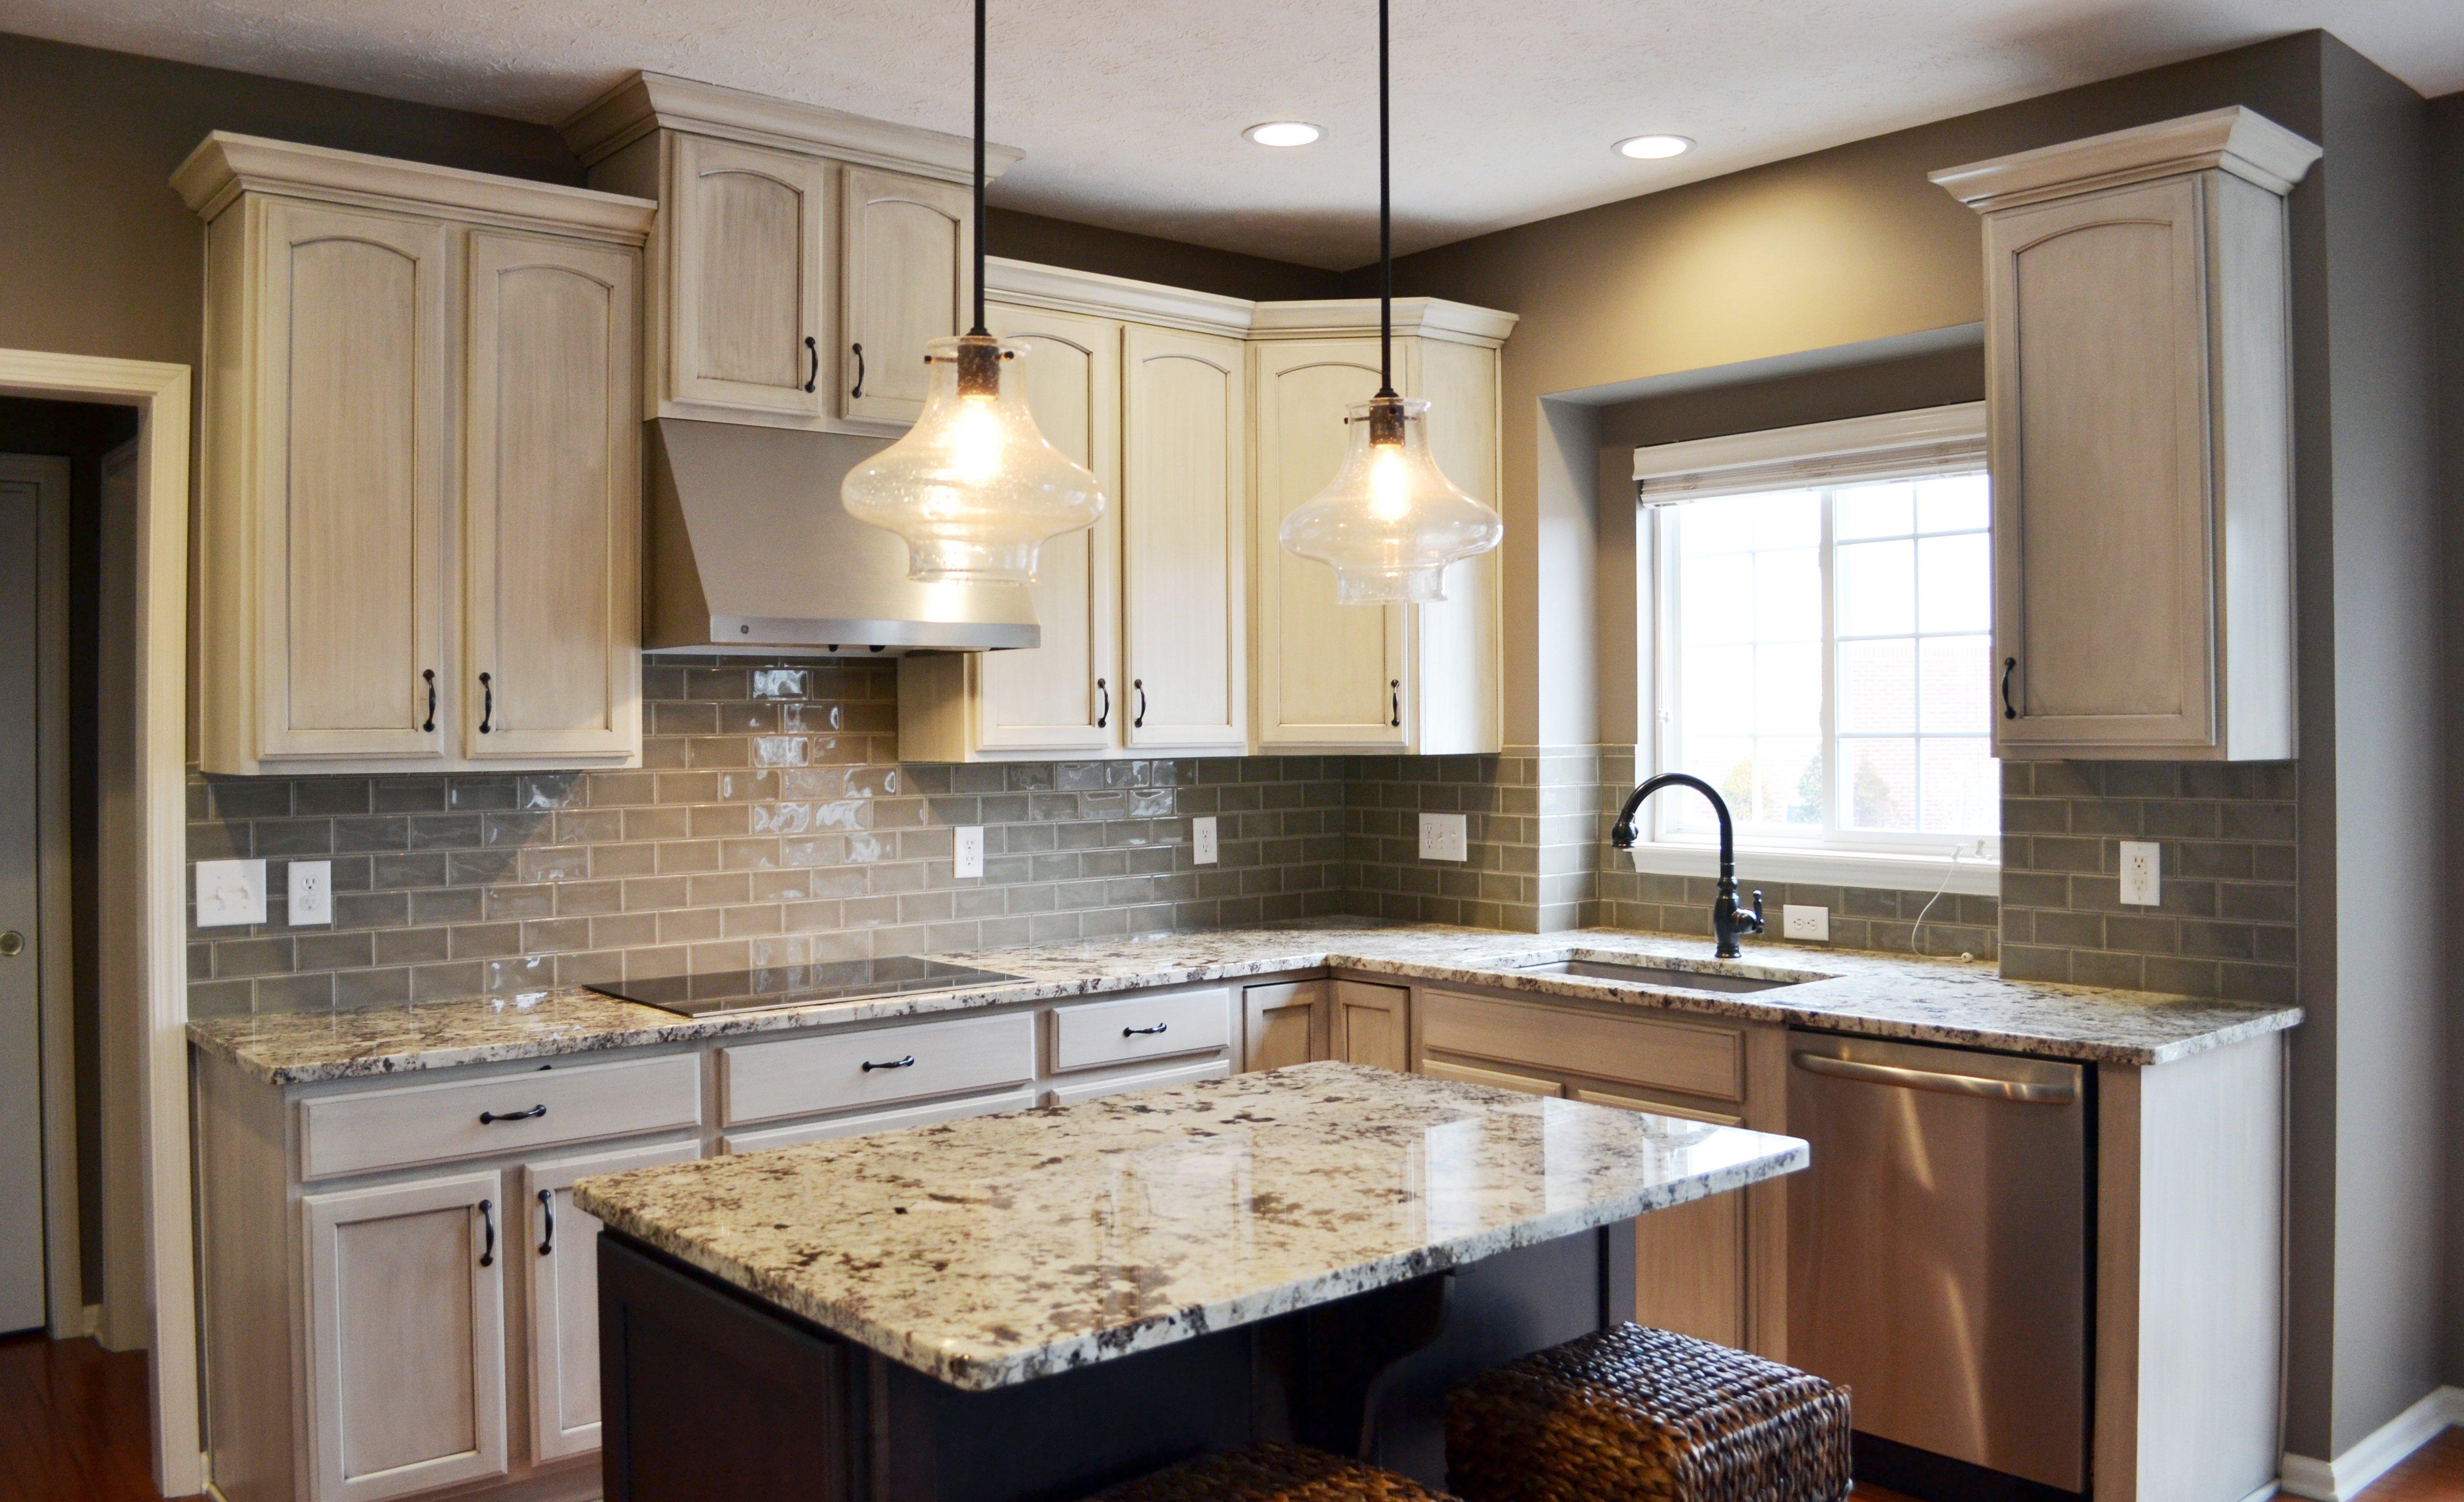 Quartz versus granite which is the better countertop aco - Quartz versus granite countertops ...